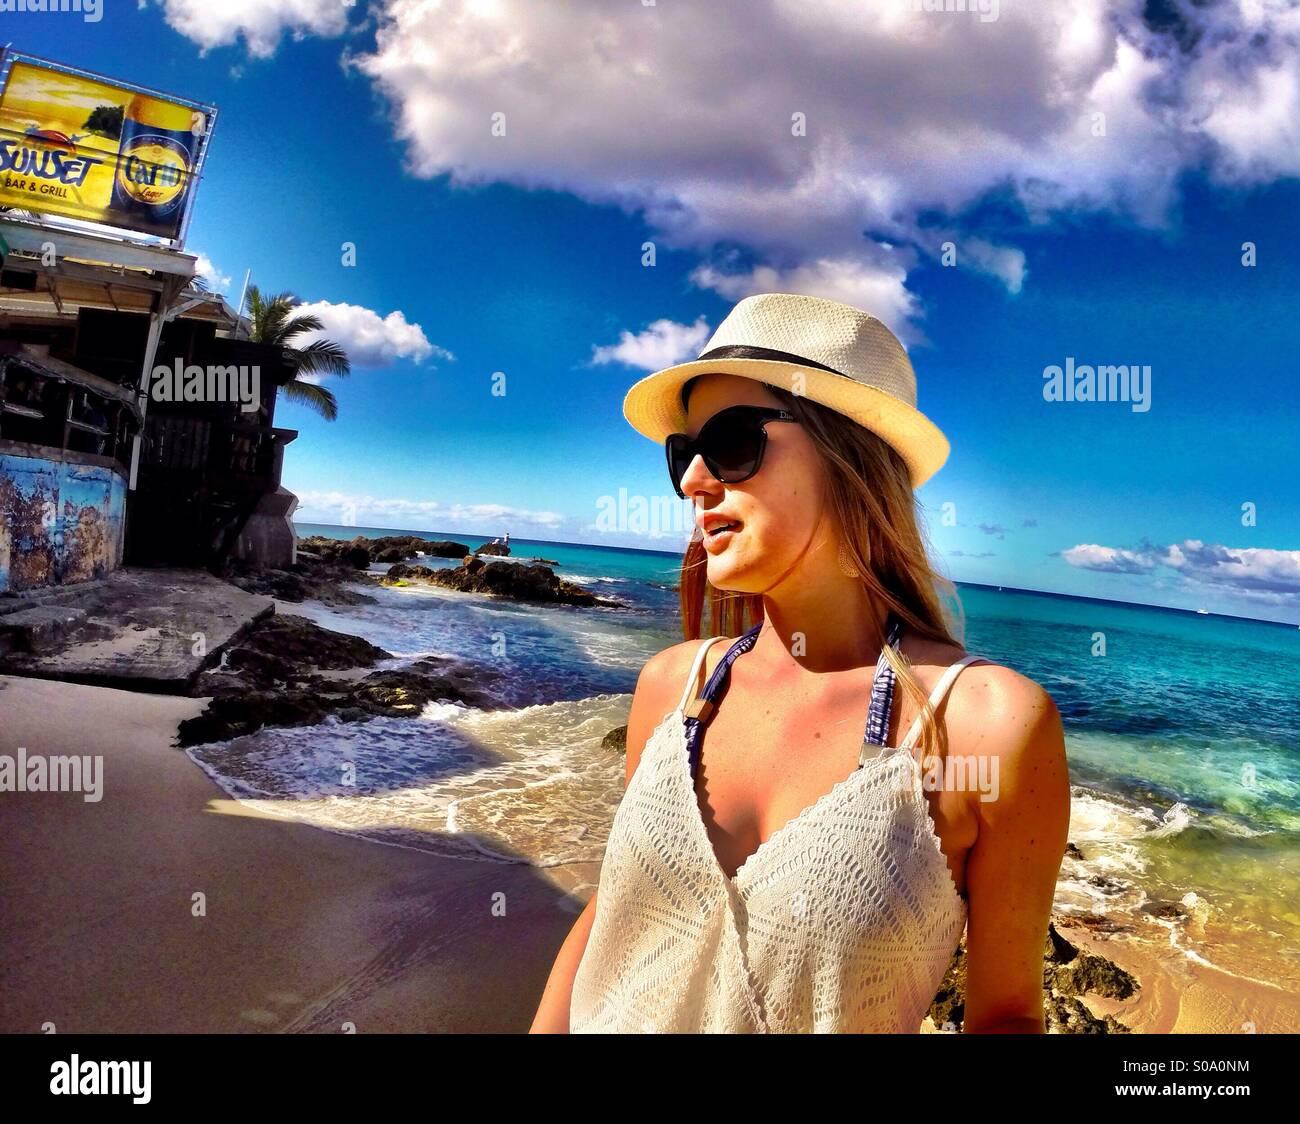 Le mode de vie des Caraïbes, Saint Martin - fashion , la détente, l'océan bleu Banque D'Images